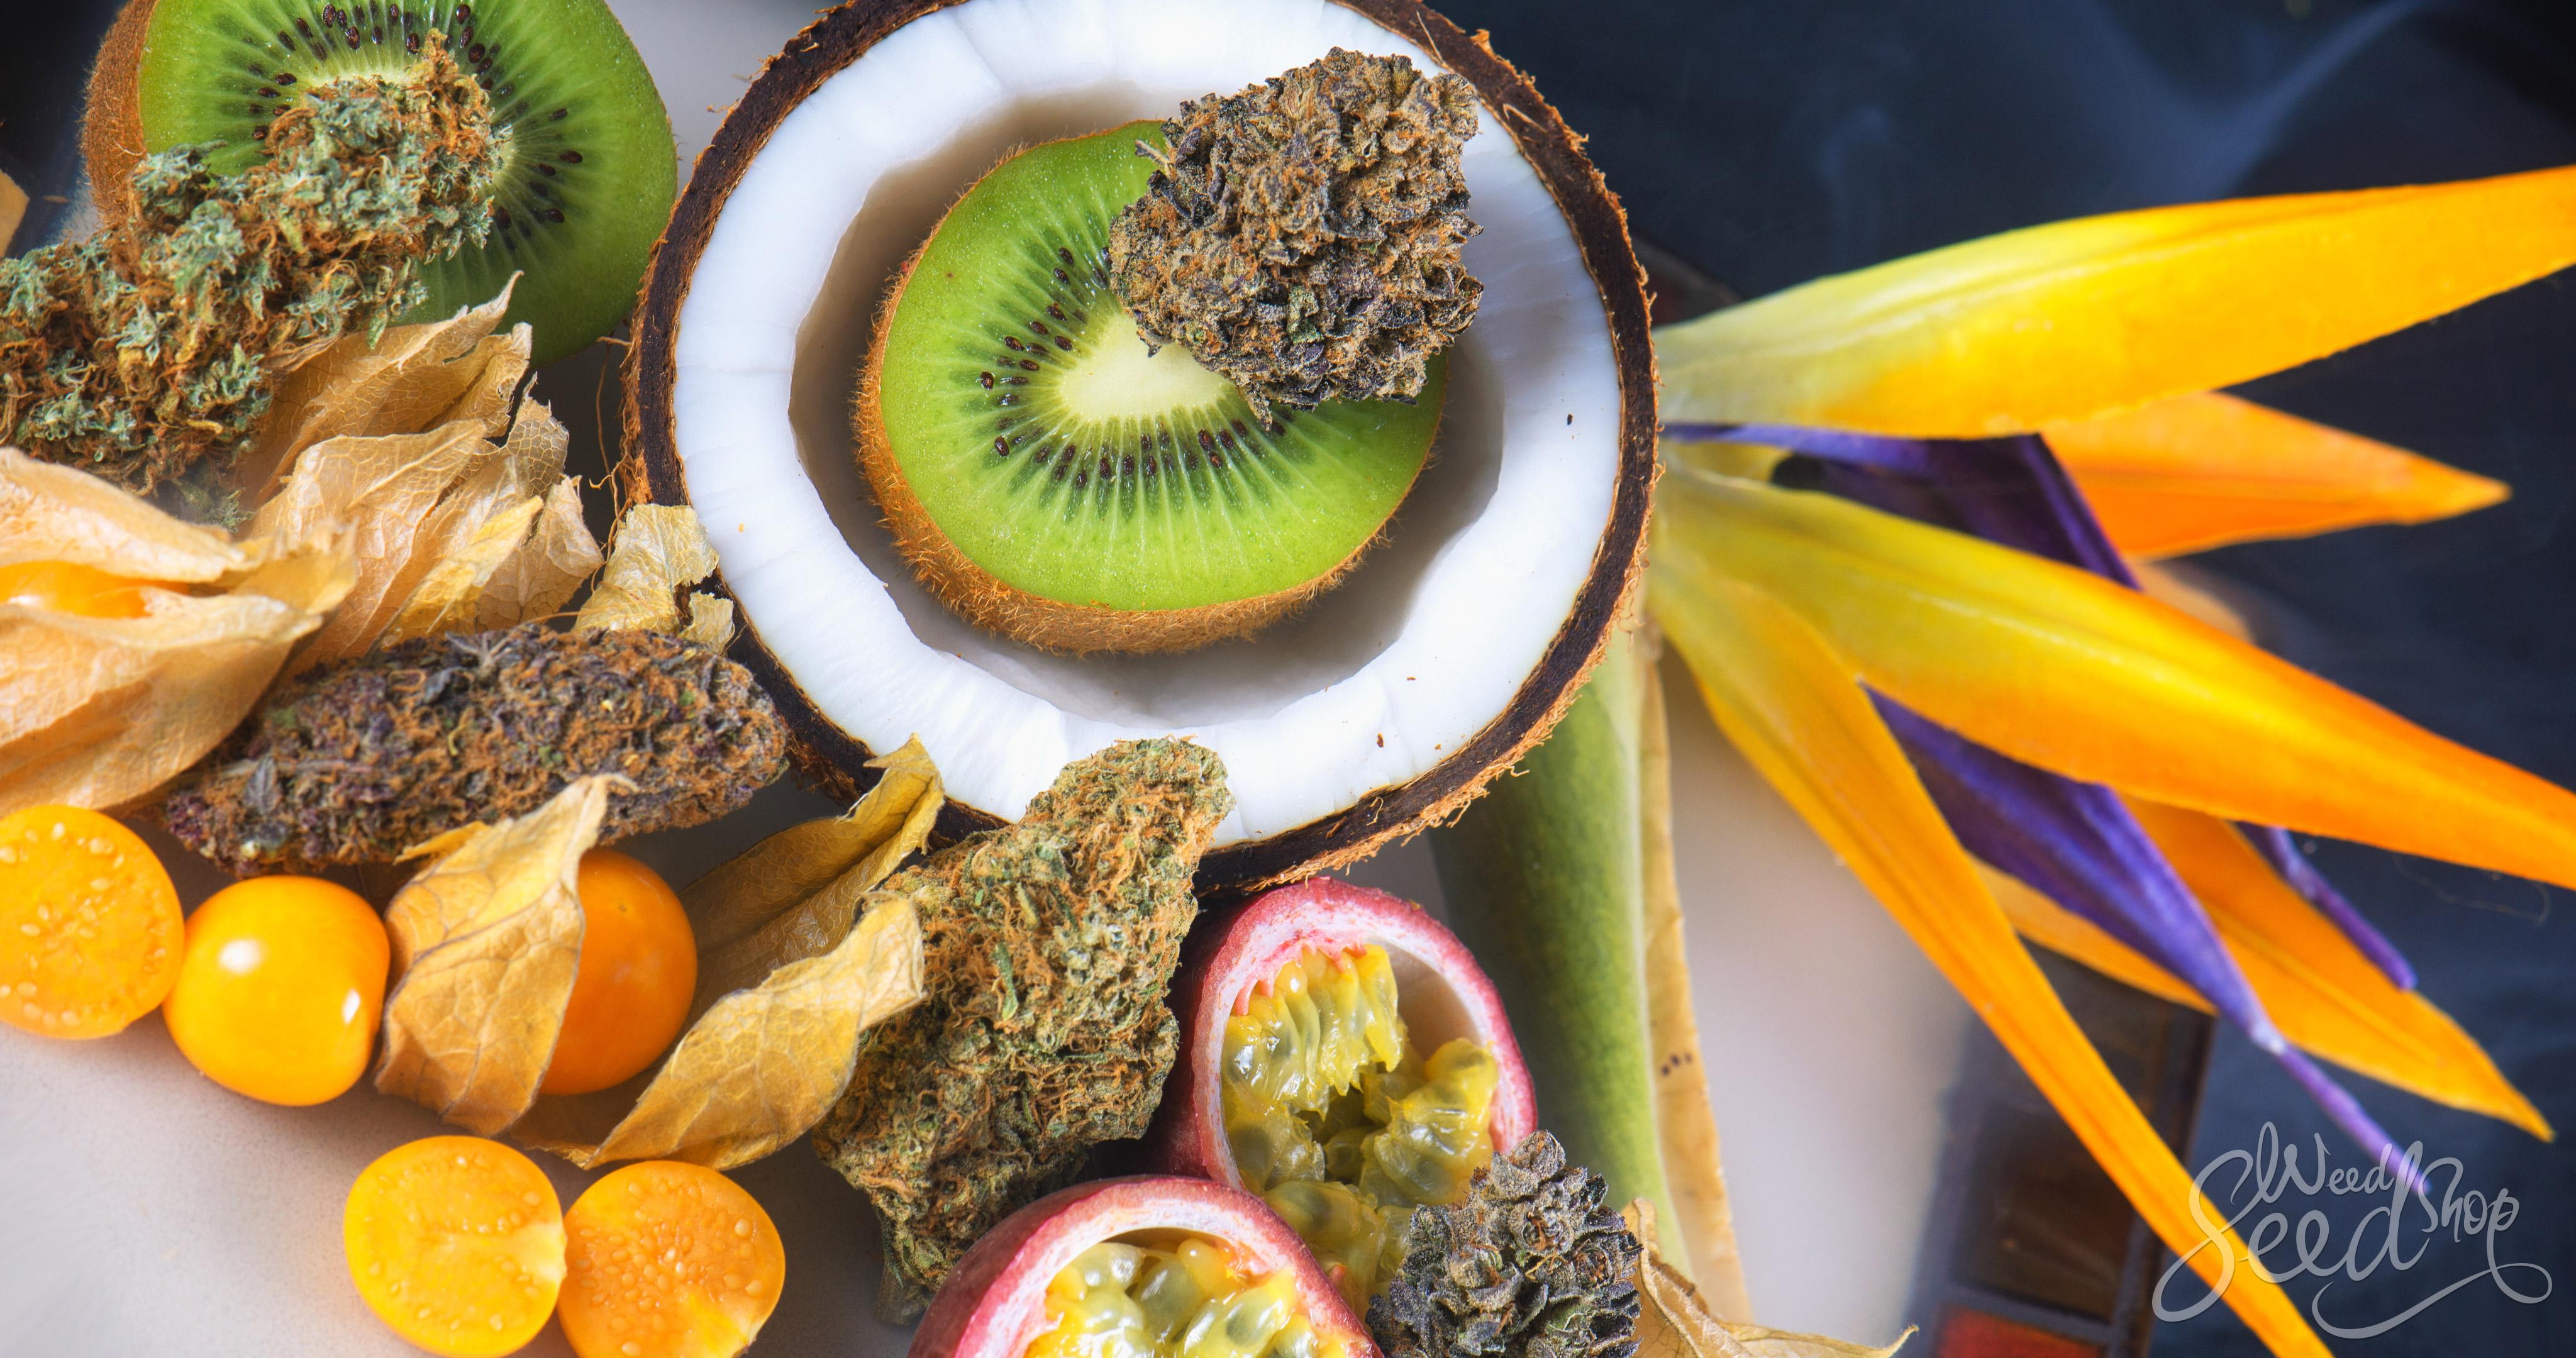 ¿Qué son los terpenos y qué hacen? – WeedSeedShop Blog